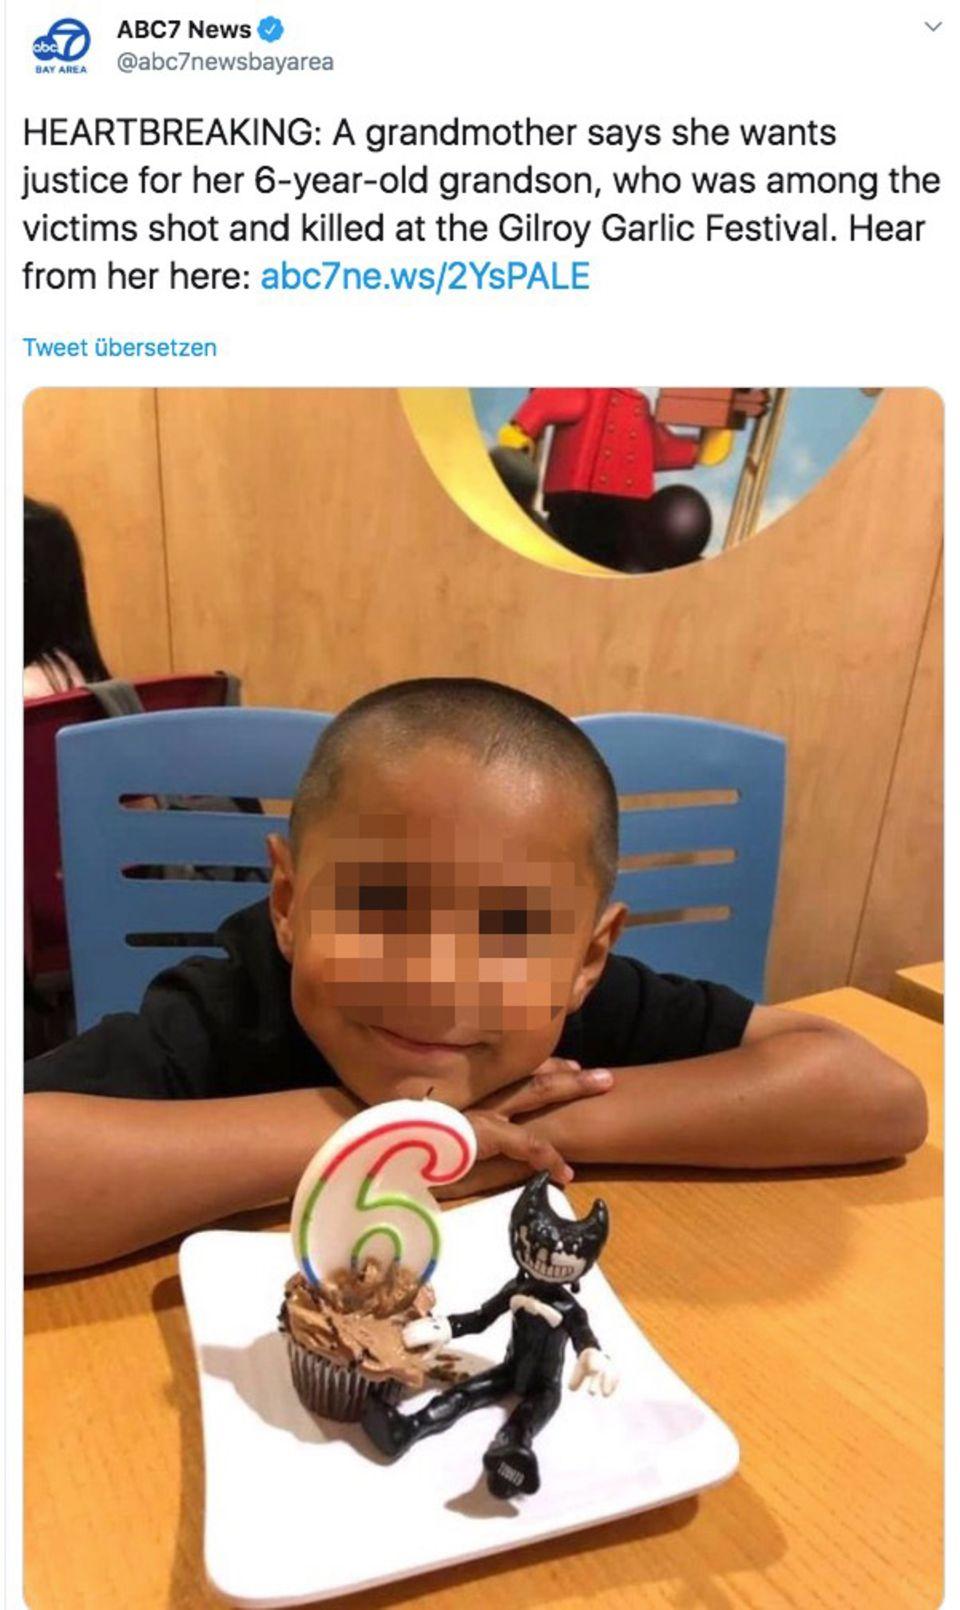 Familien-Tragödie: Der kleine Stephen freute sich auf einen Ausflug – doch der Gilroy-Schütze nahm ihm das Leben